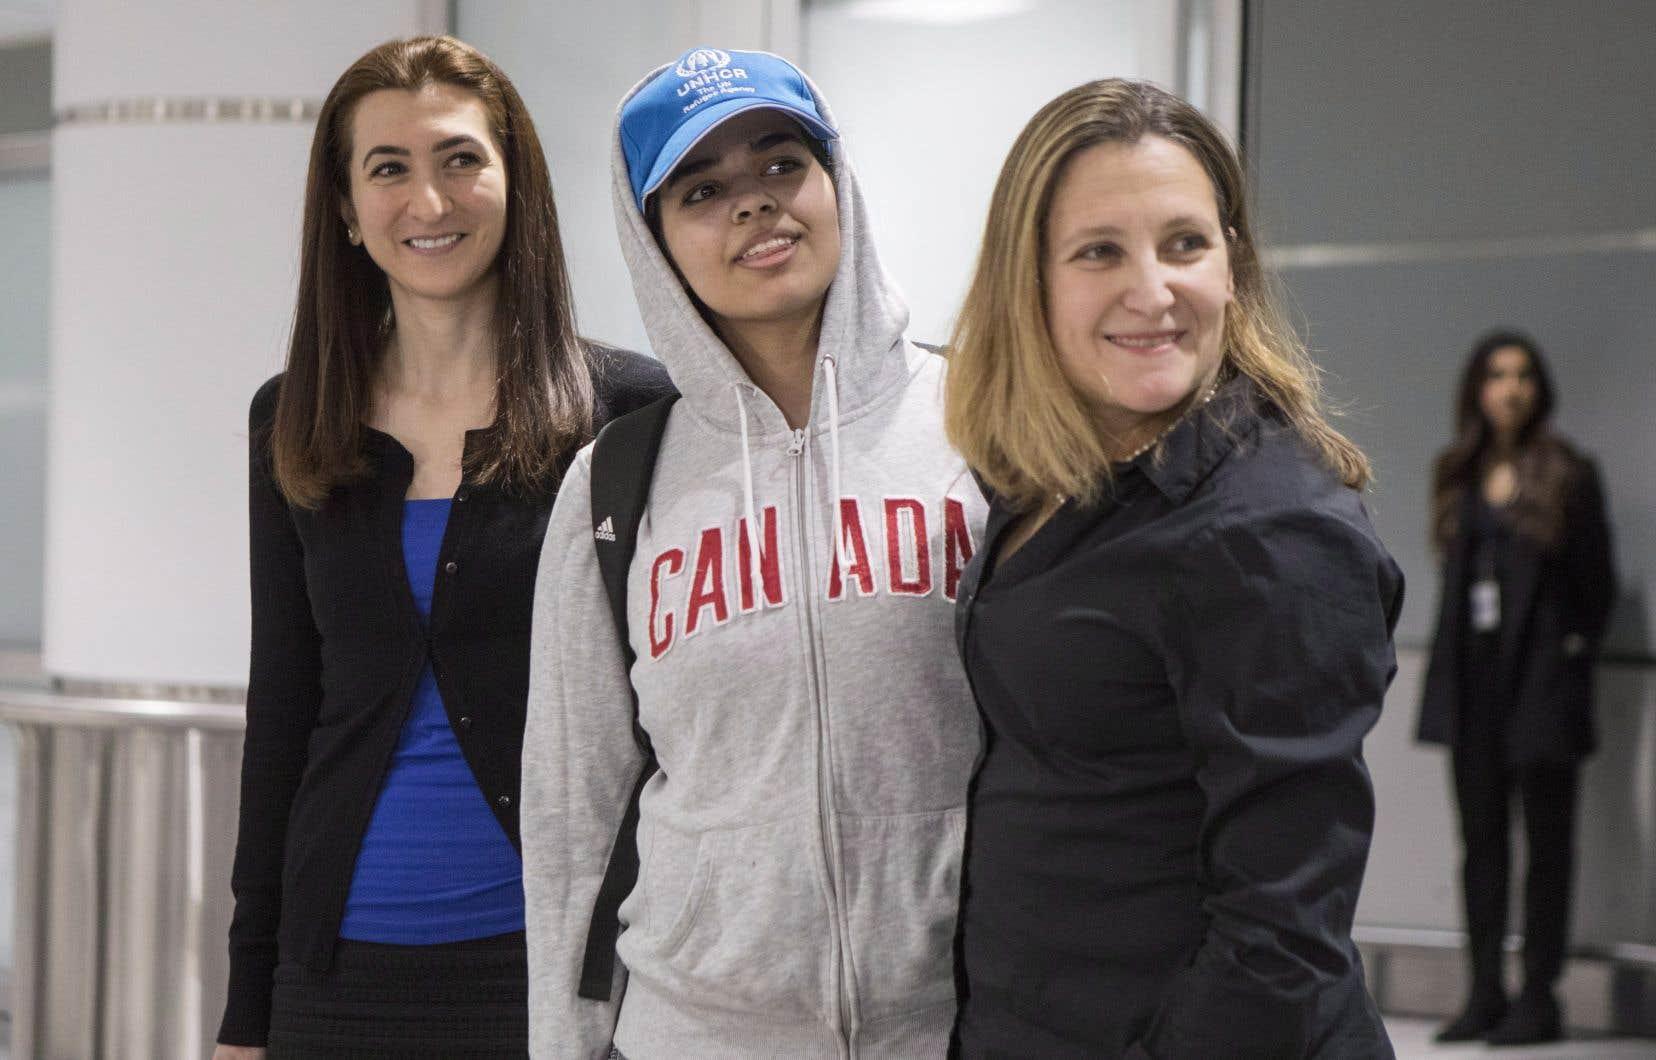 Rahaf Mohammed Alqunun, portant une veste à capuchon sur laquelle on pouvait lire «Canada», a salué les journalistes à son arrivée, accompagnée de la ministre des Affaires étrangères, Chrystia Freeland.